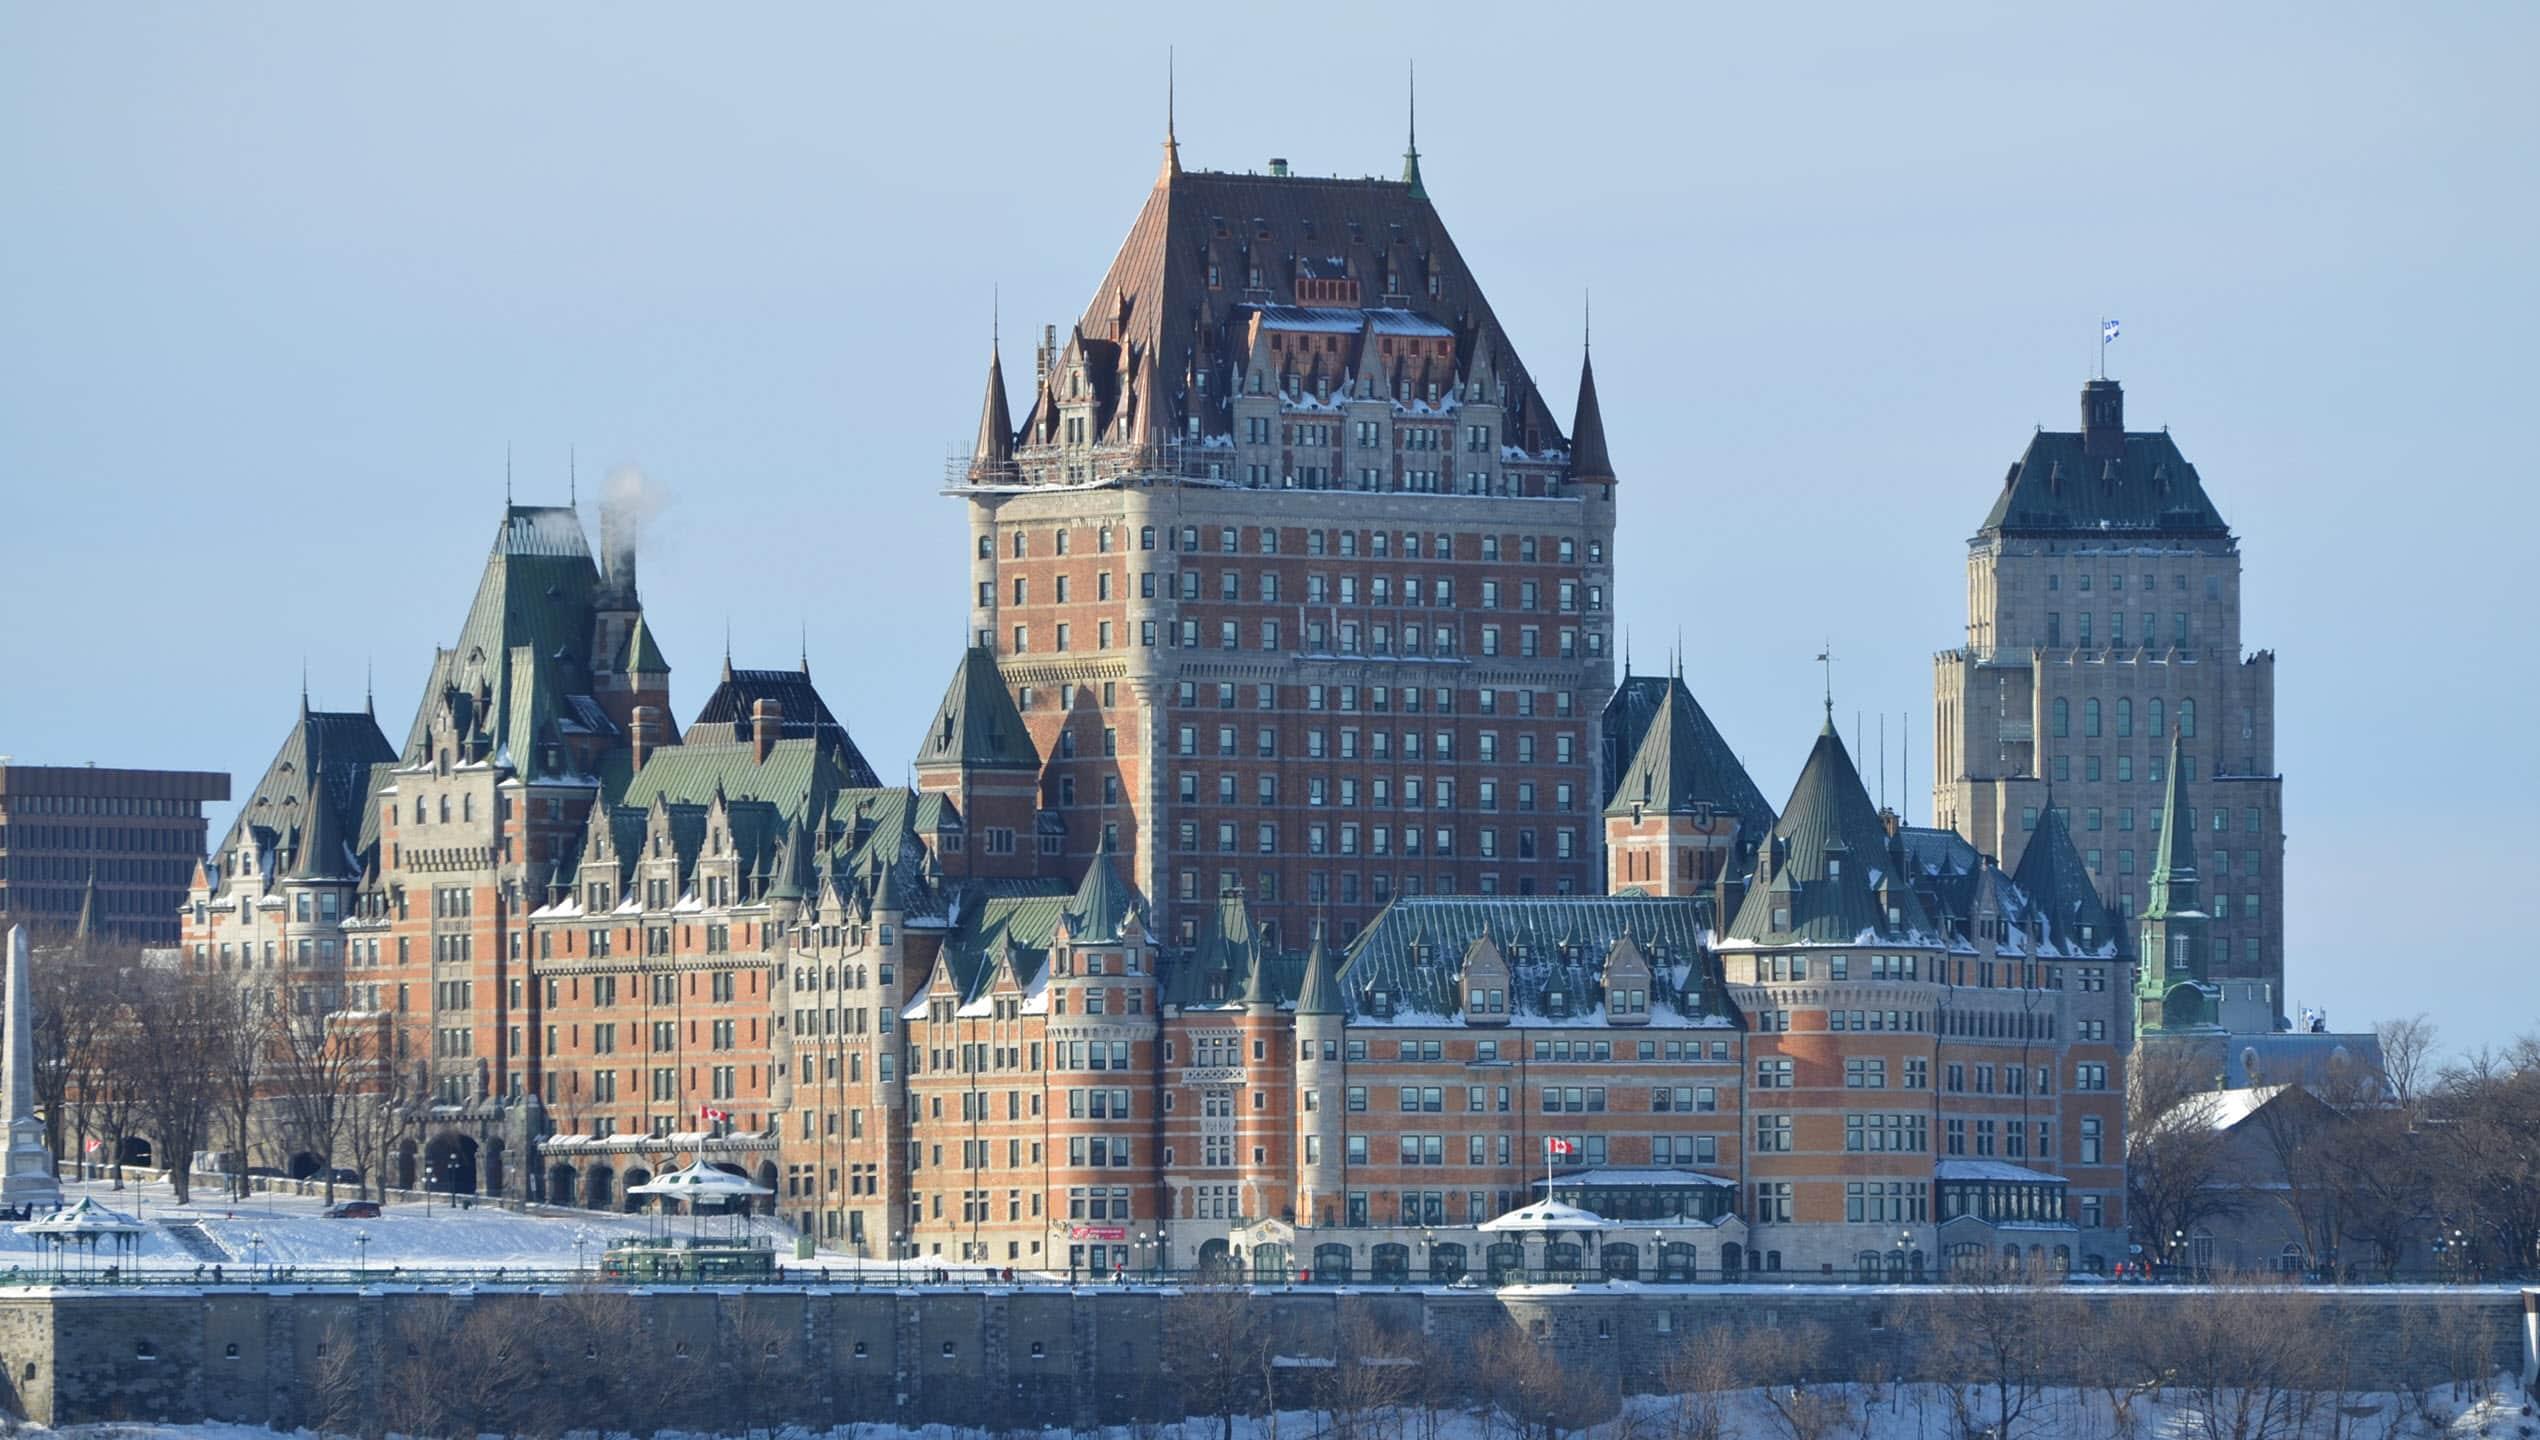 Quebec City - Chateau Frontenac 2012